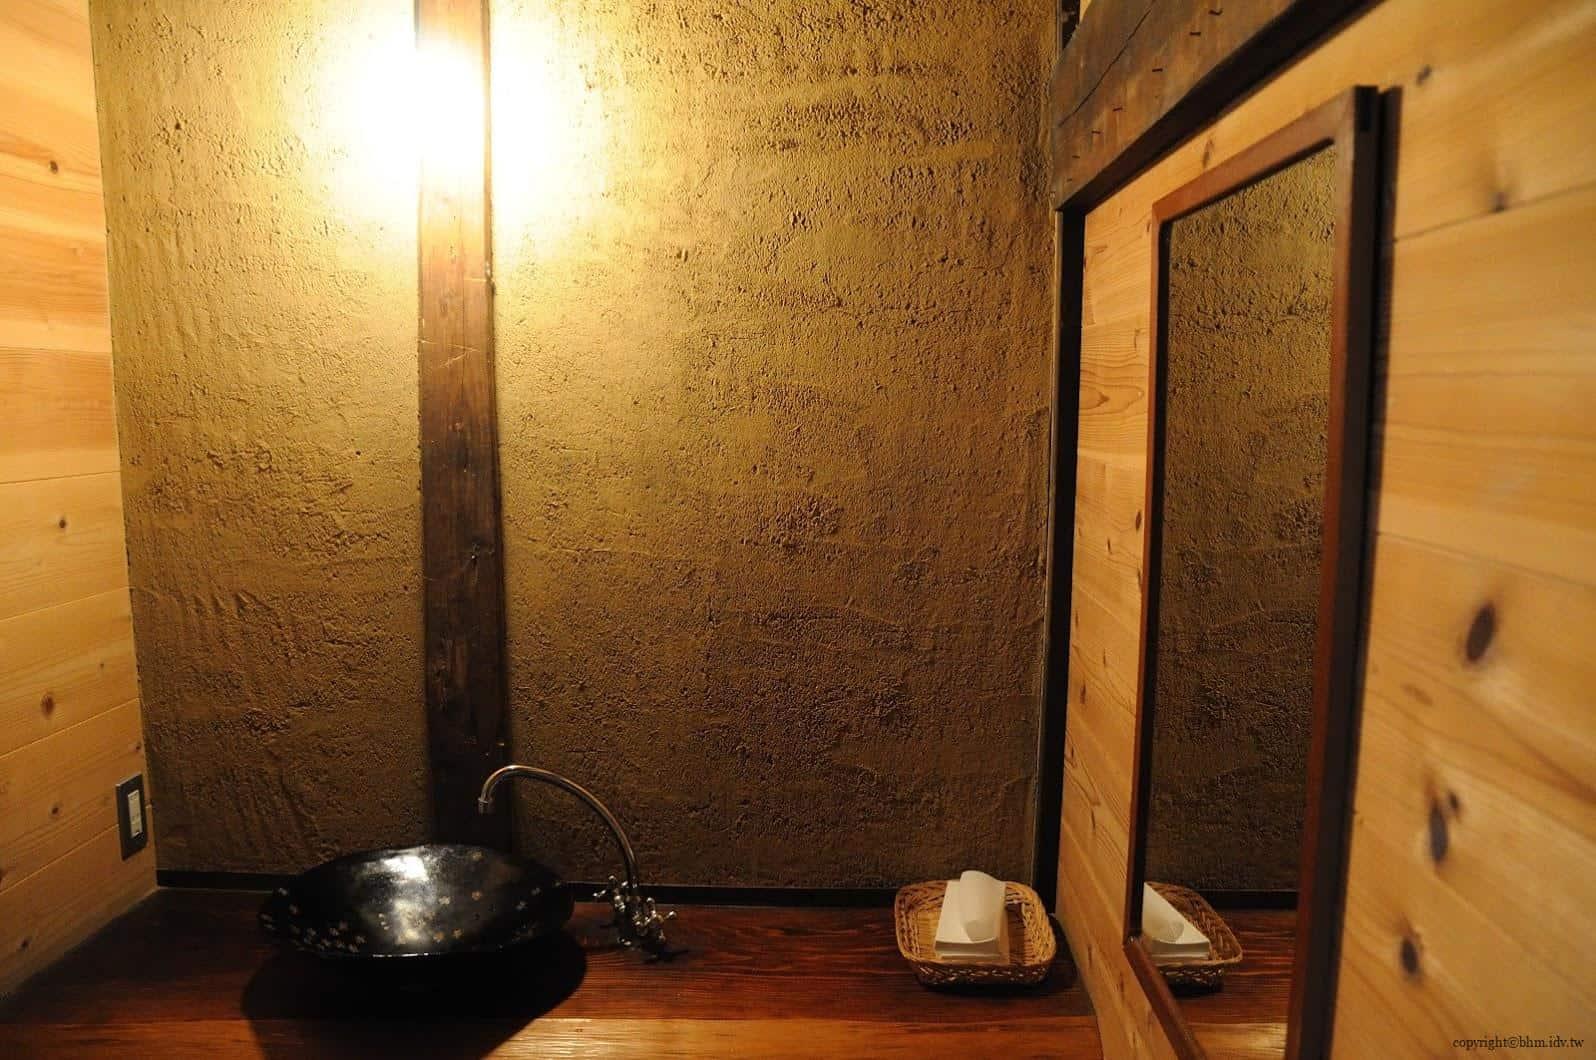 入澤美時/安藤邦廣,產土神之家,一樓洗手間 產土神之家 產土神之家 ubusuna house 13